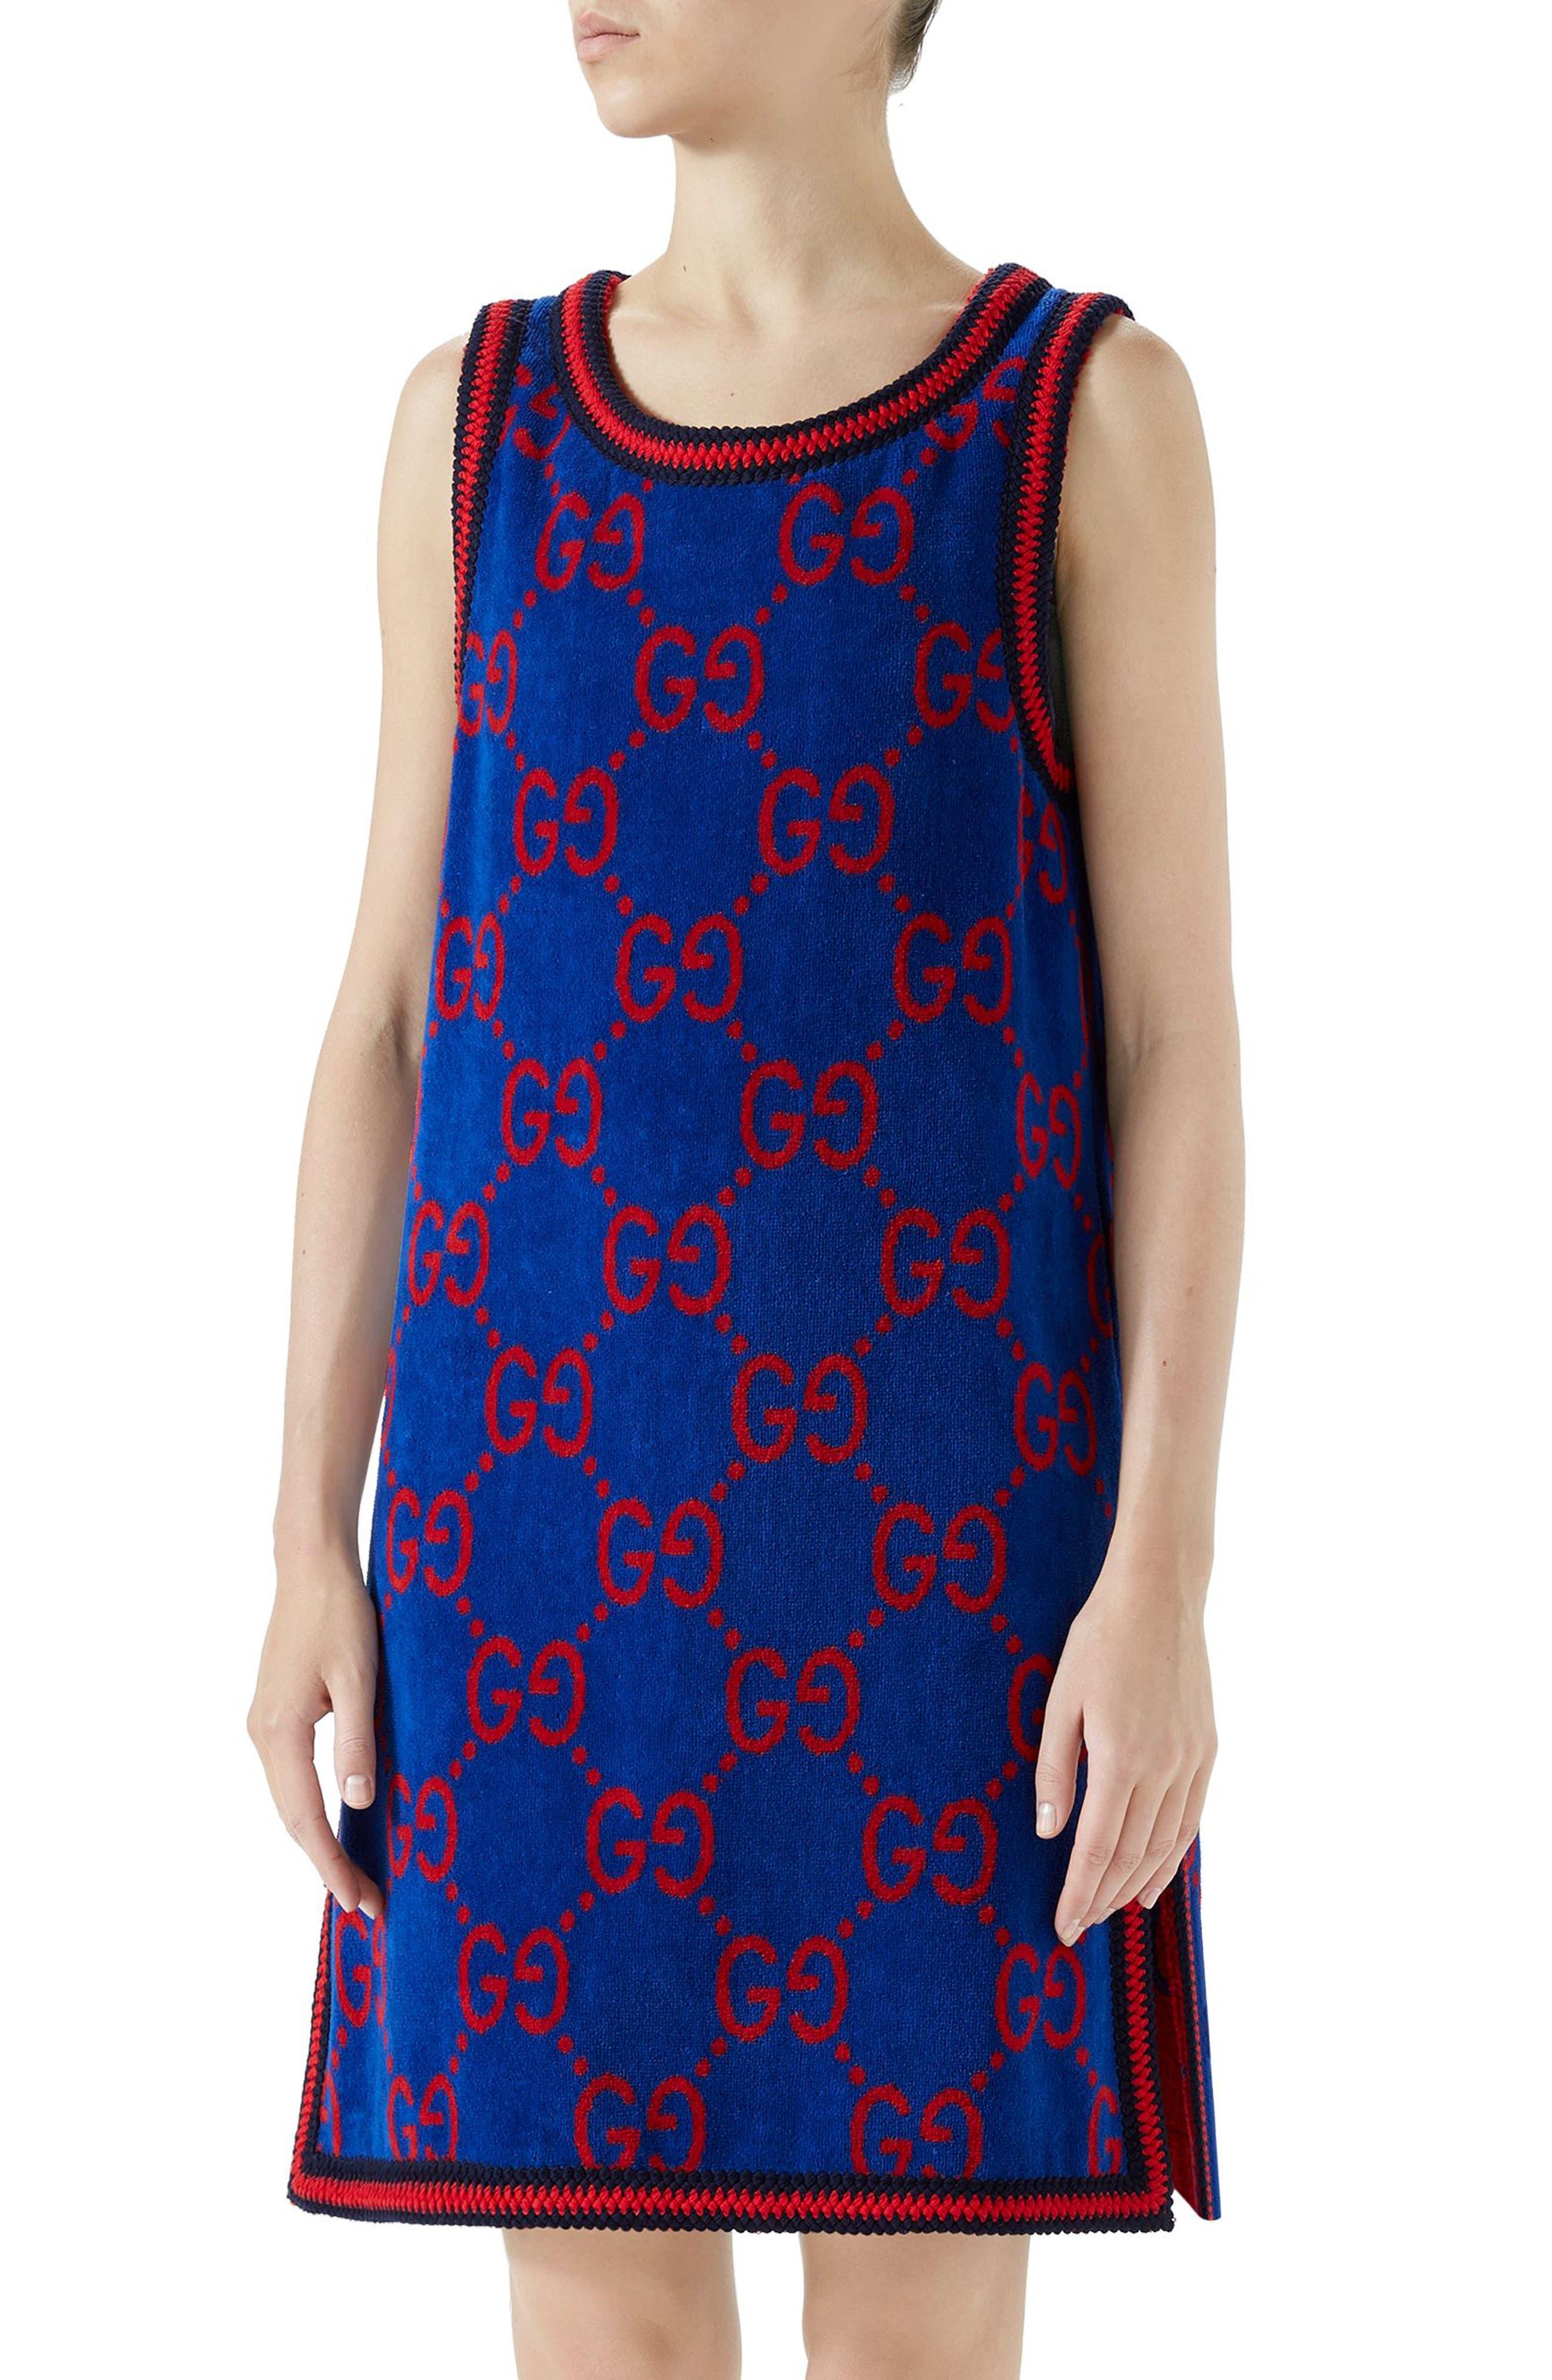 GG Cotton Jacquard Shift Dress,                             Main thumbnail 1, color,                             Multi